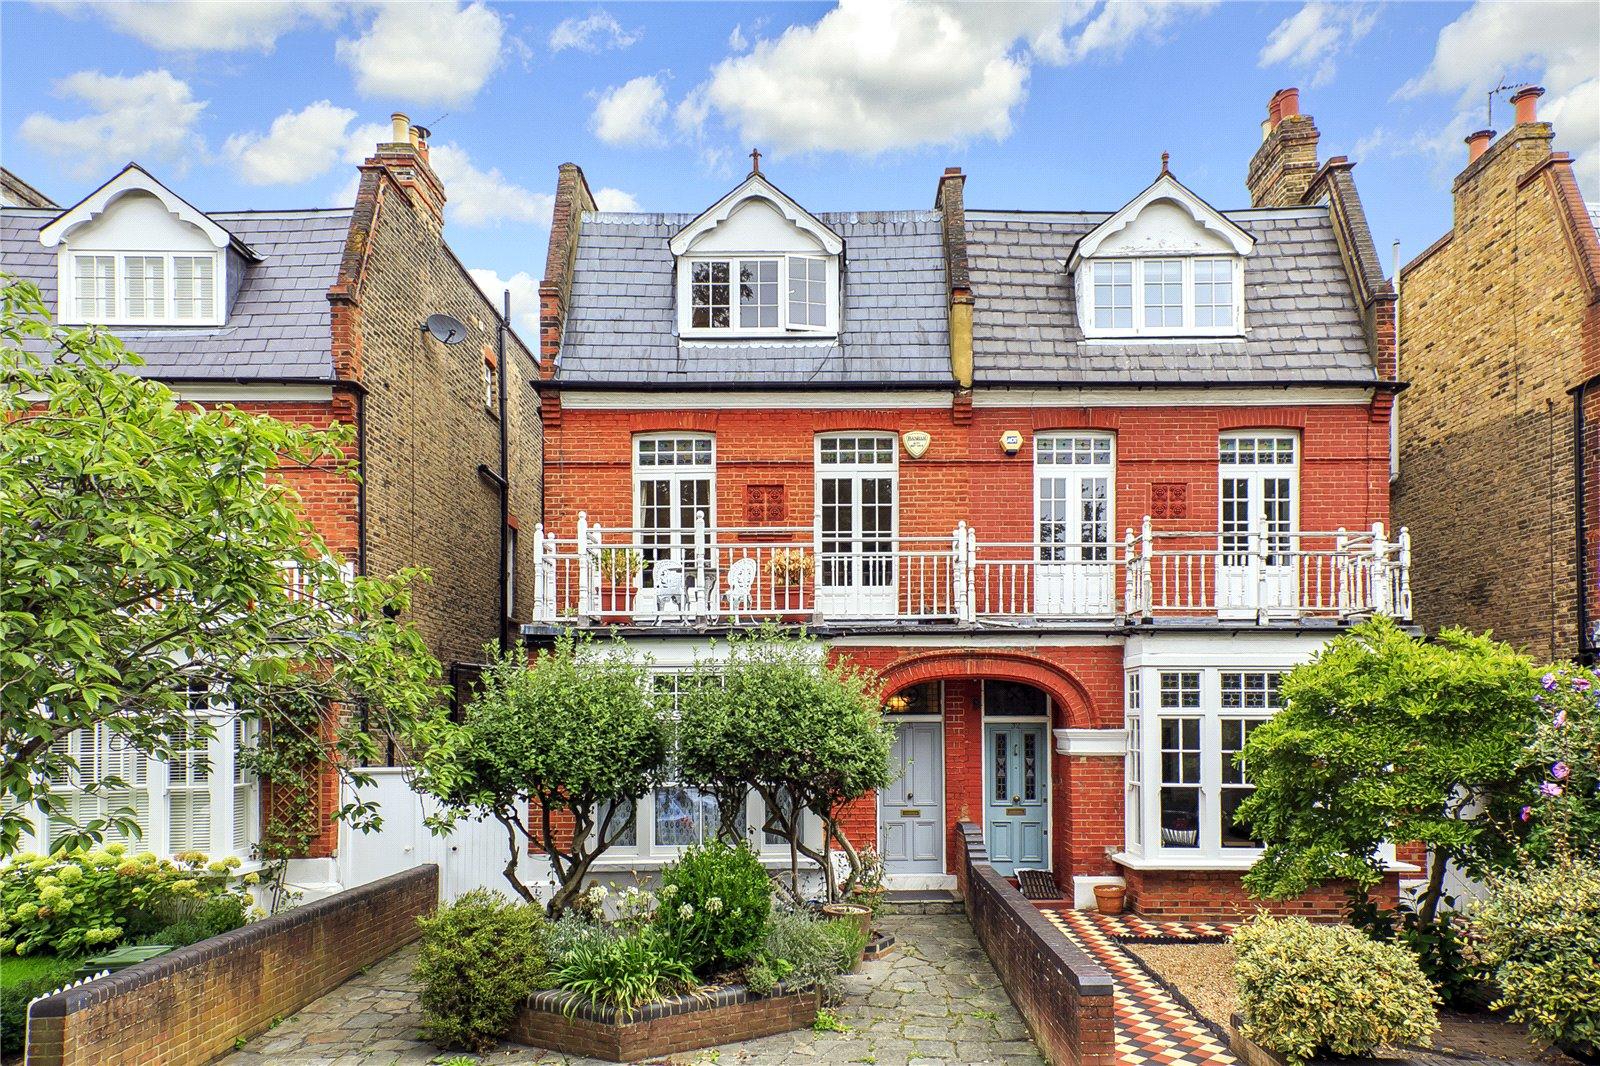 Lawn Crescent, Kew, TW9 3NS - Antony Roberts